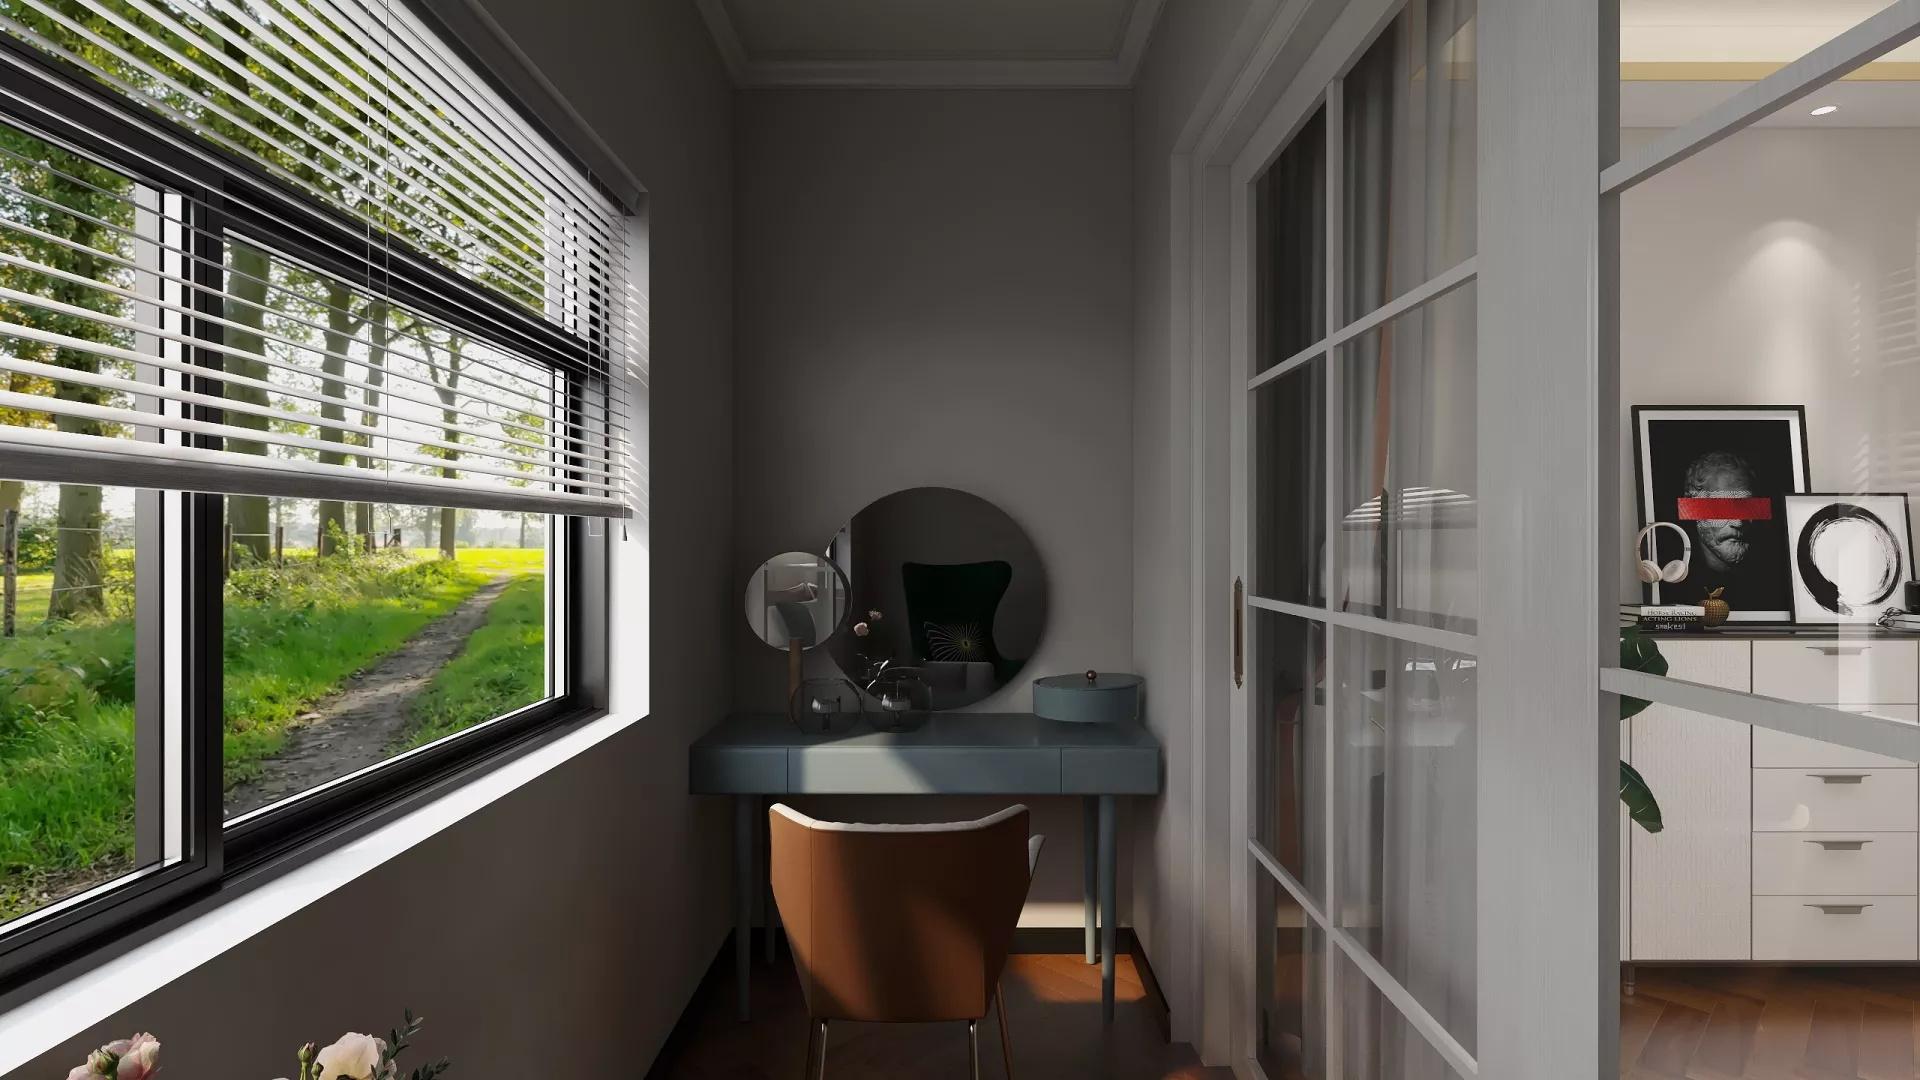 無窗衛生間可以安裝排氣扇嗎?